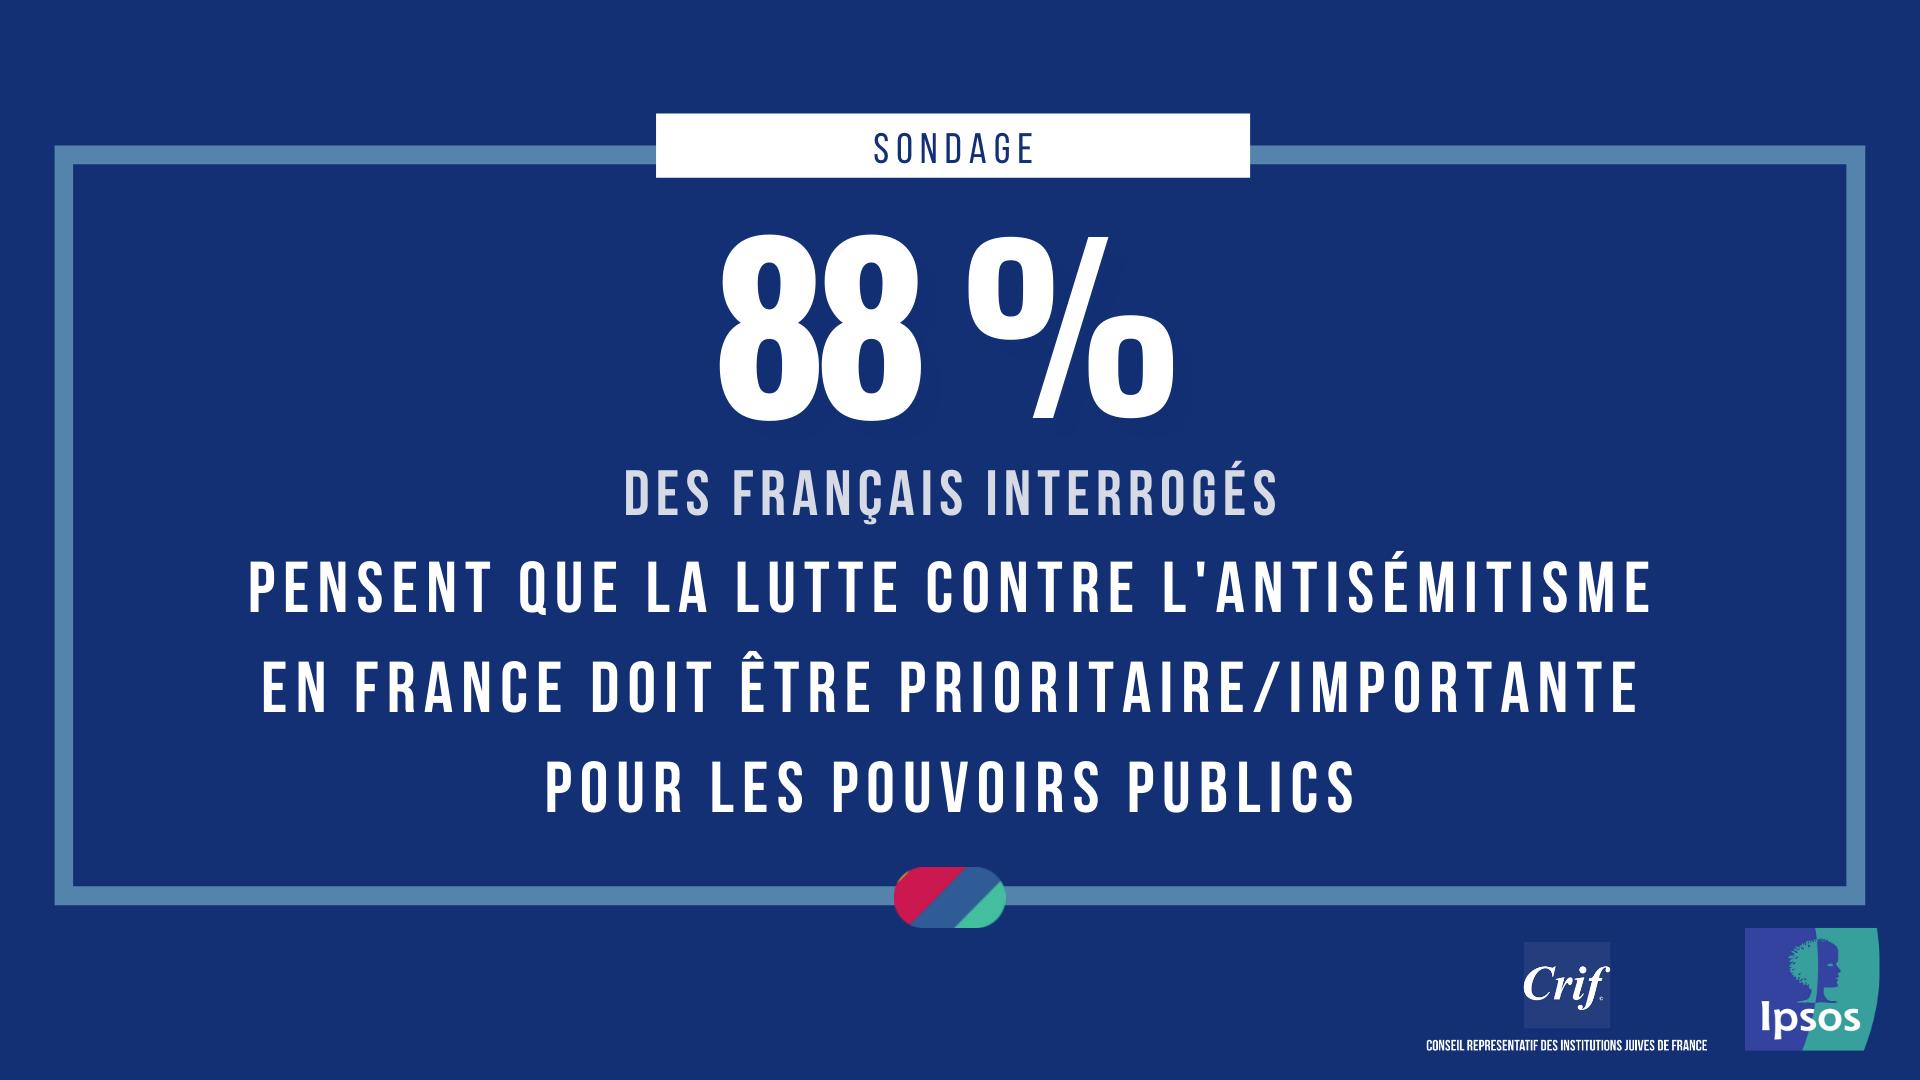 88% des Français jugent que la lutte contre l'antisémistisme doit être prioritaire ou importante pour les pouvoirs publics